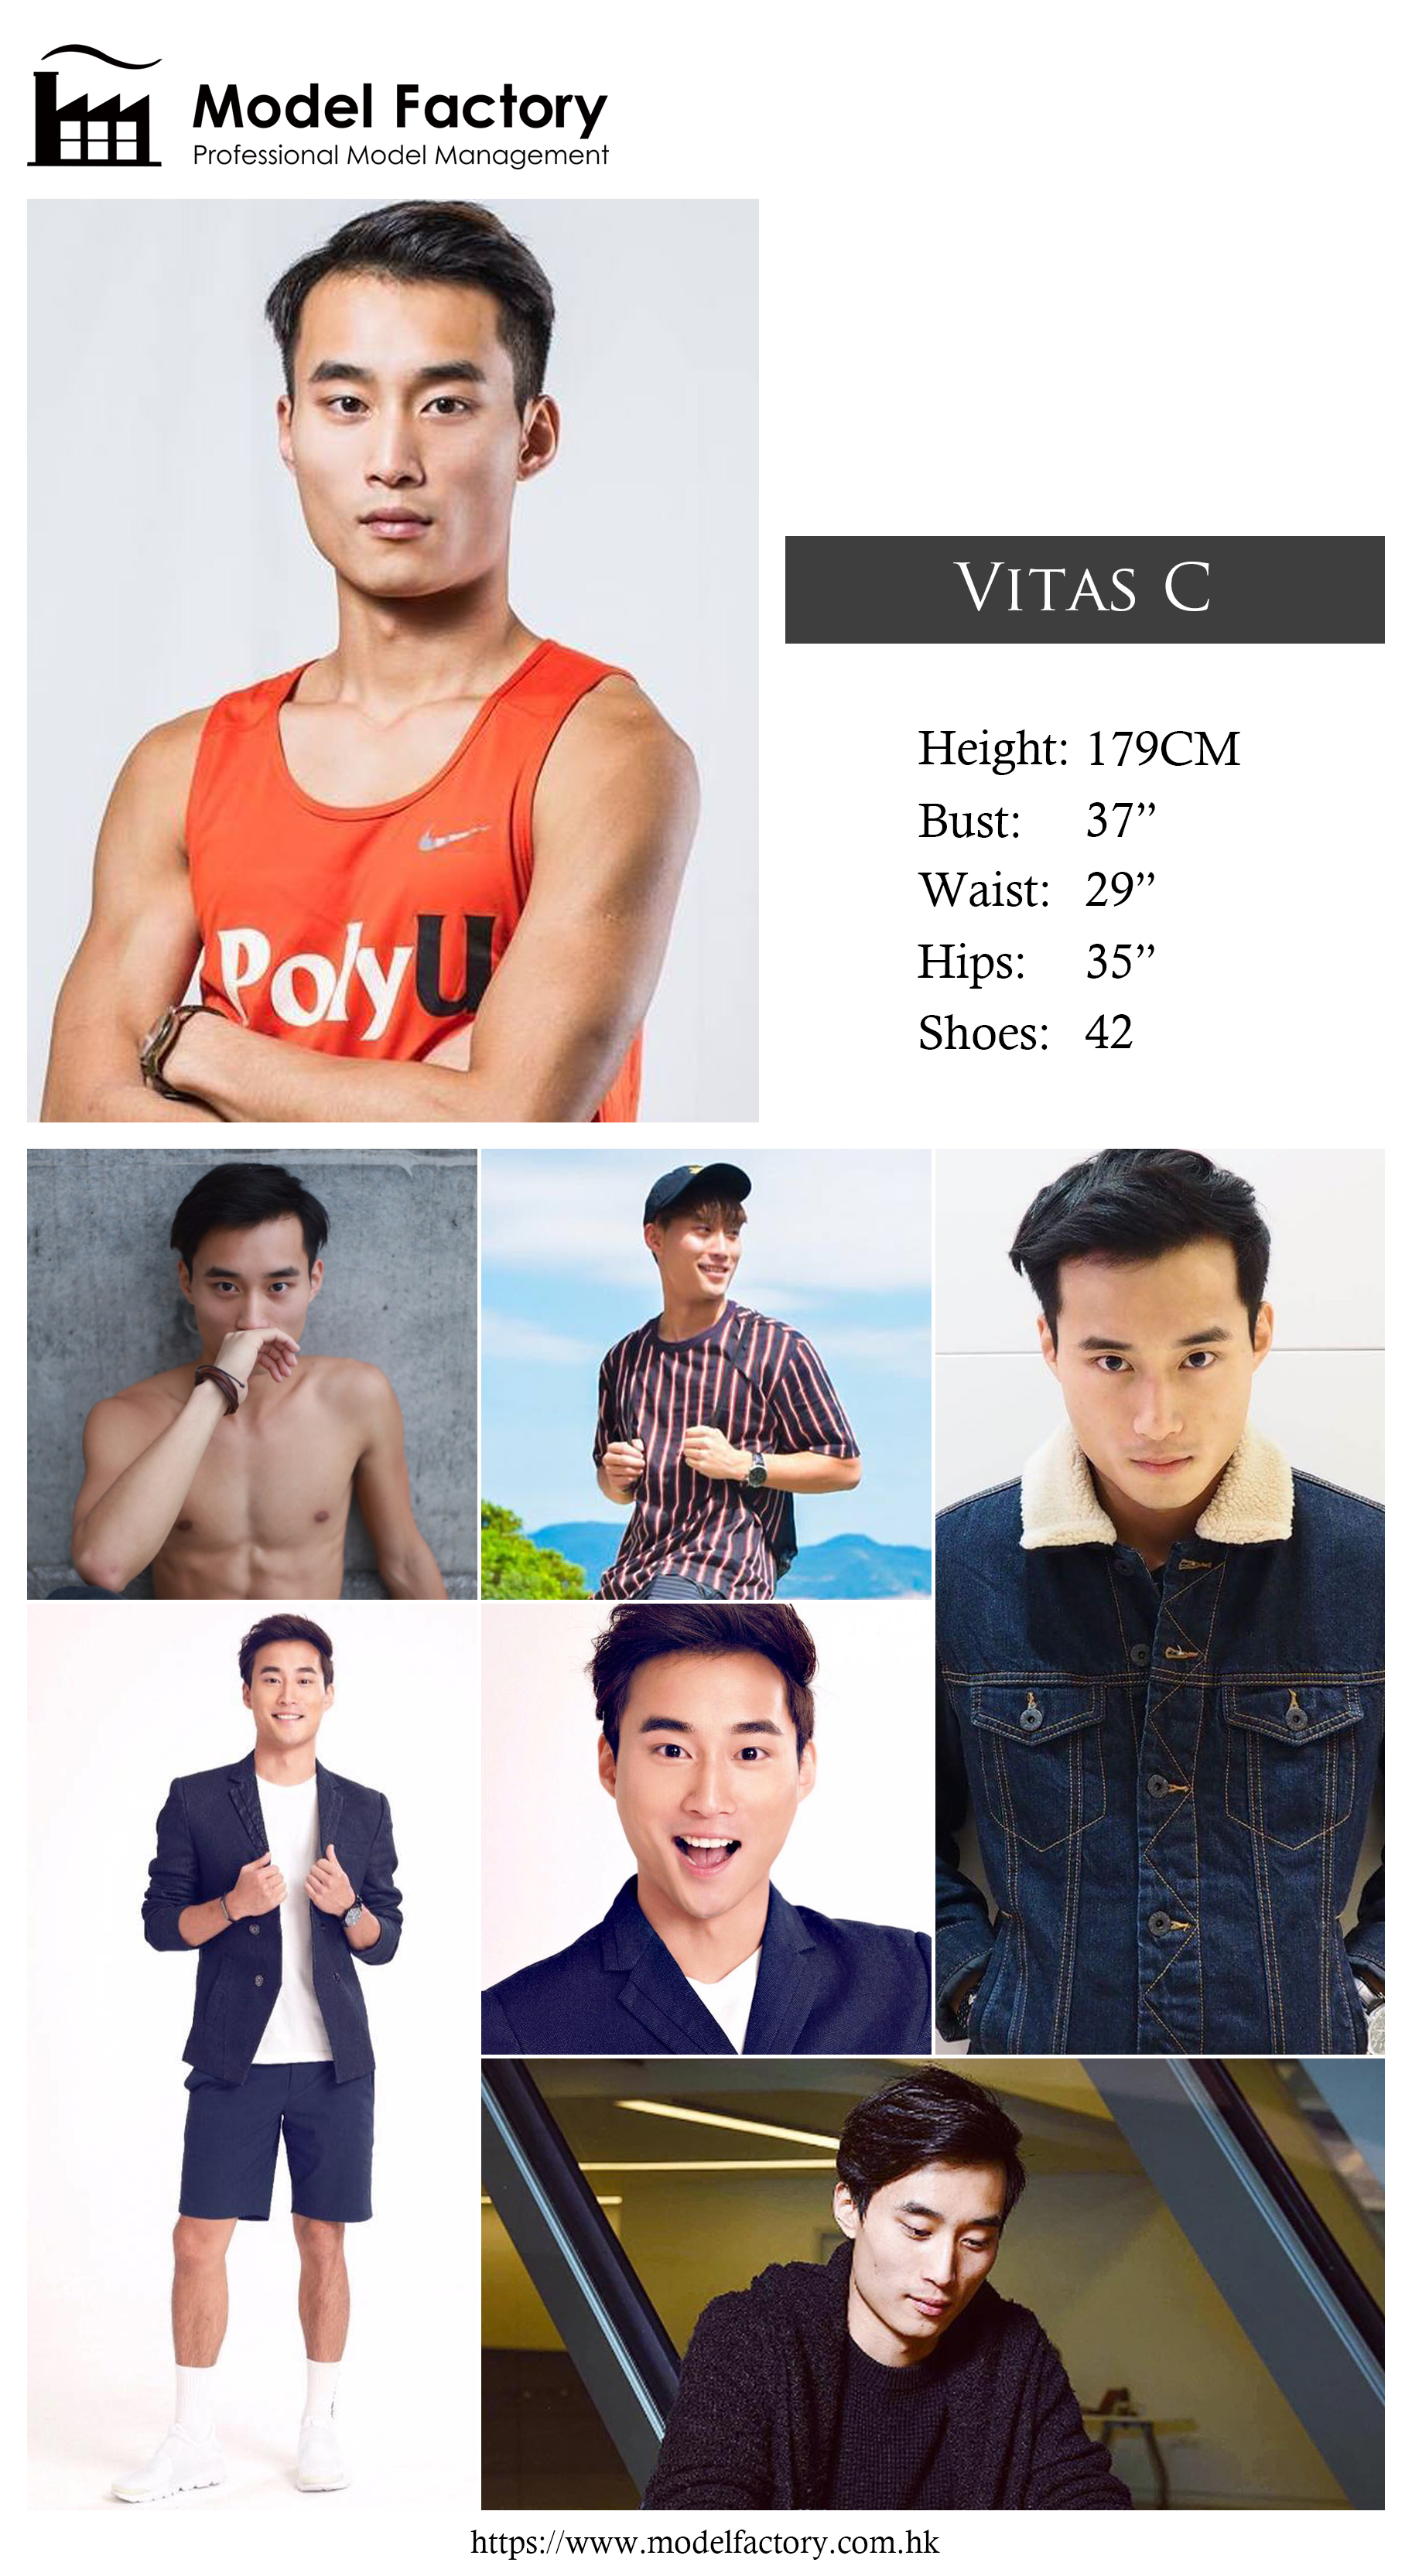 Model Factory Hong Kong Male Model VitasC